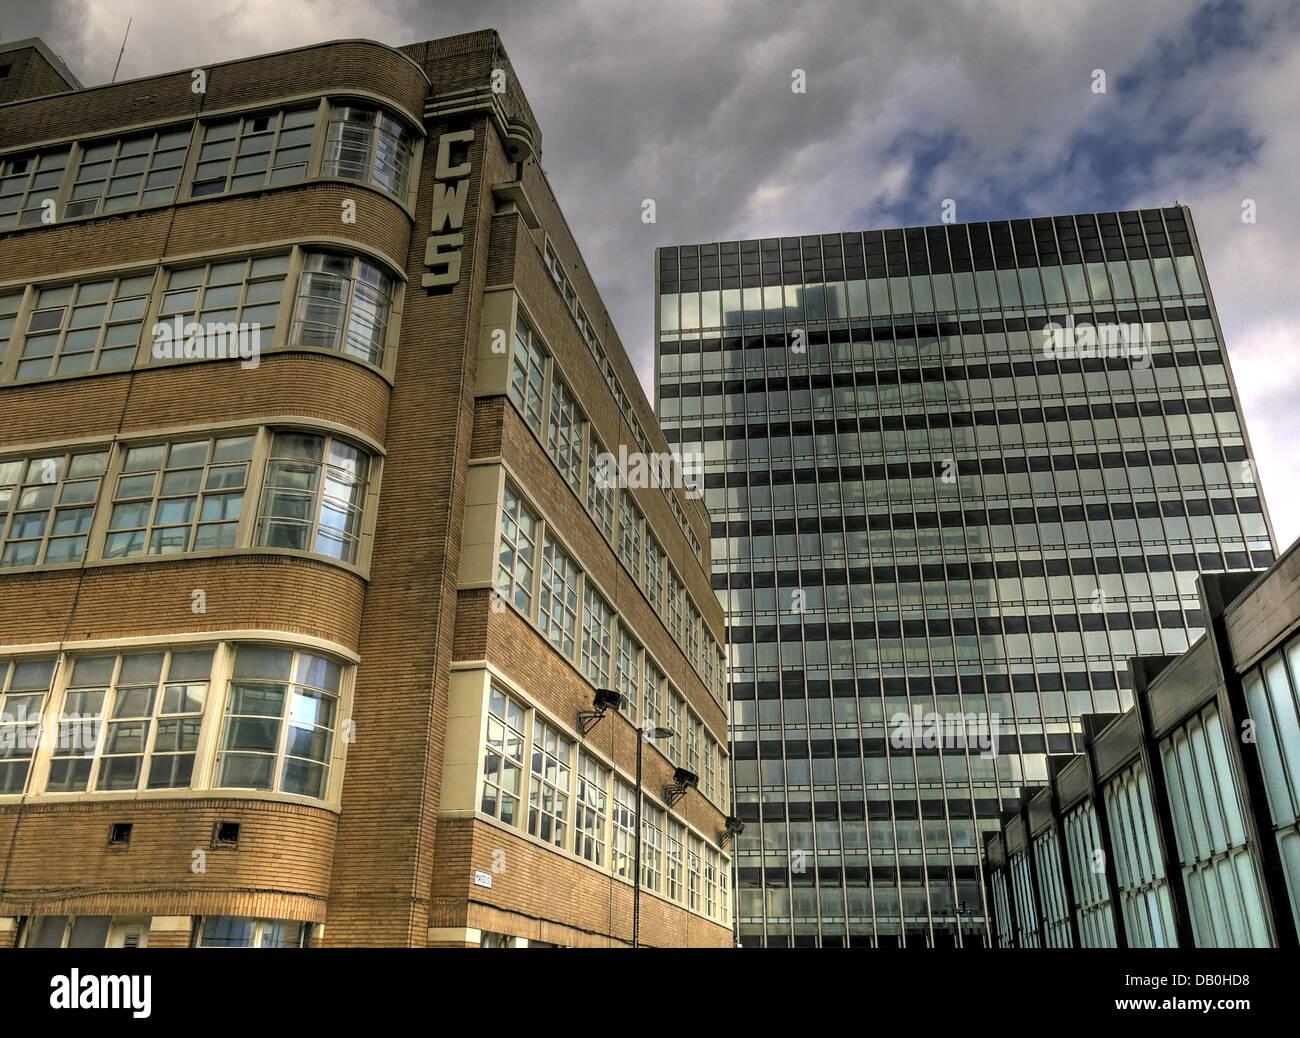 Laden Sie dieses Alamy Stockfoto CIS und New Century House Cooperative Wholesale Society Gebäude, Manchester, North West England, Großbritannien - DB0HD8